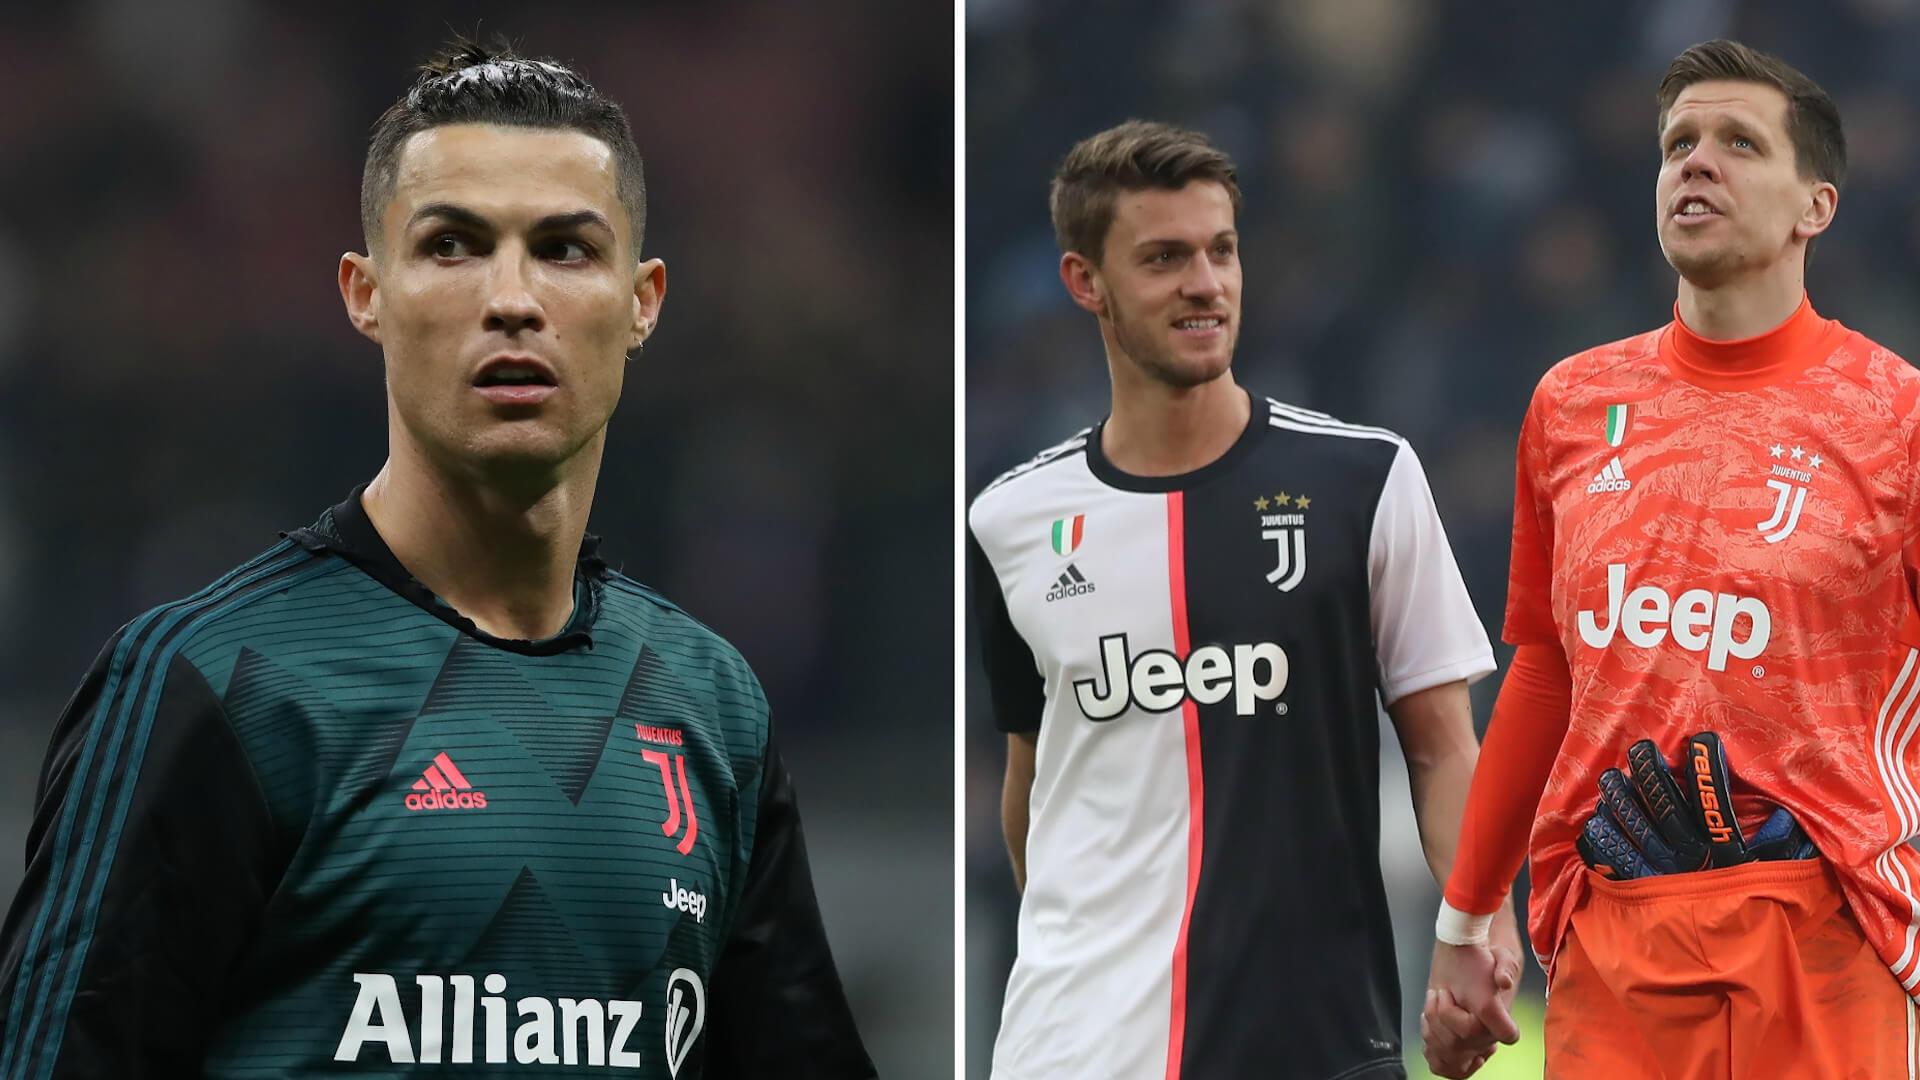 Piłkarz Juventusu Turyn ZAKAŻONY koronawirusem! Co ze Szczęsnym i Ronaldo?